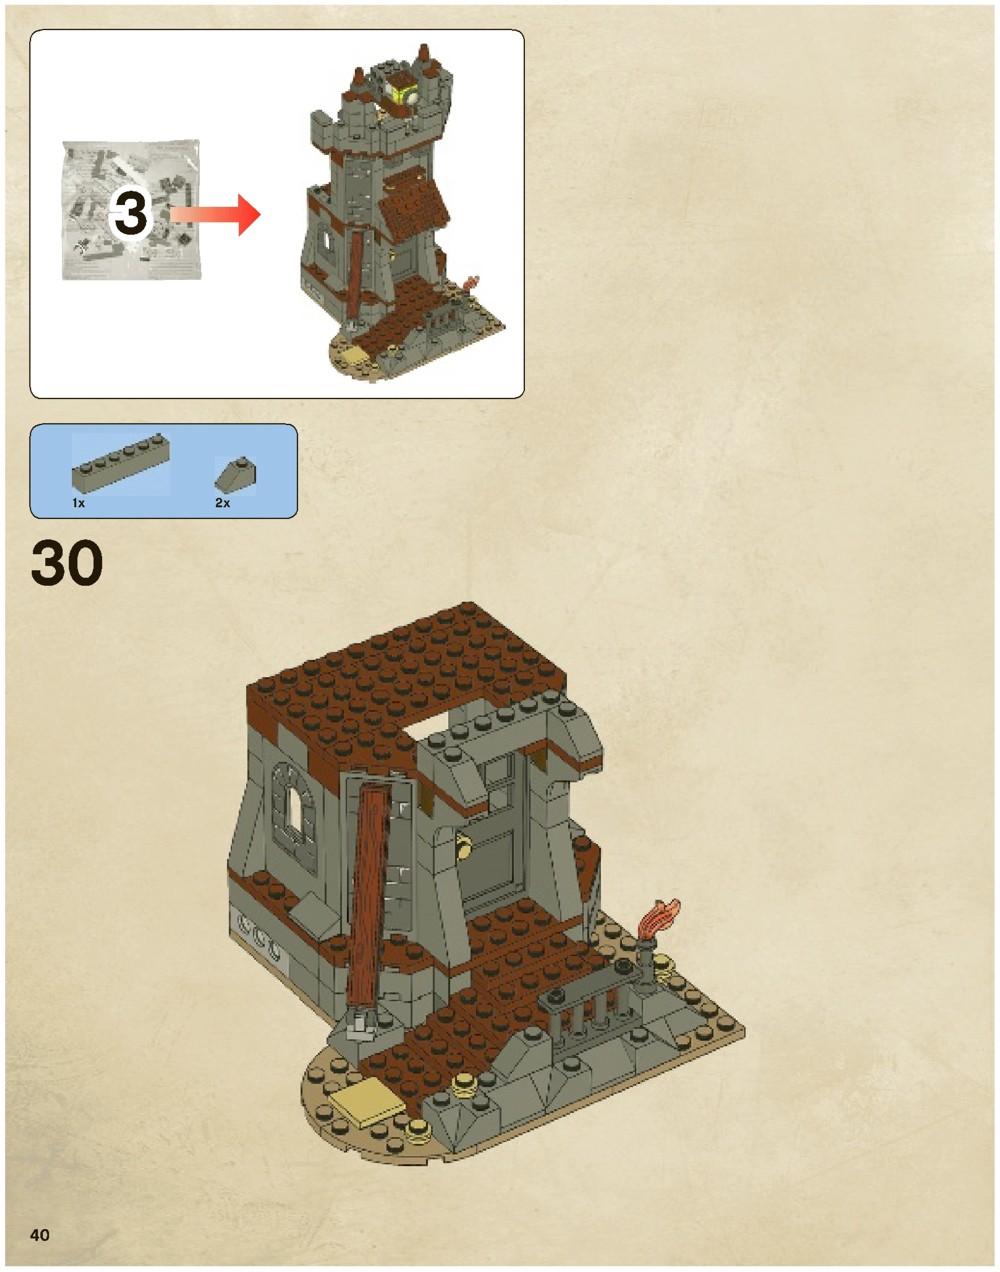 lego whitecap bay instructions